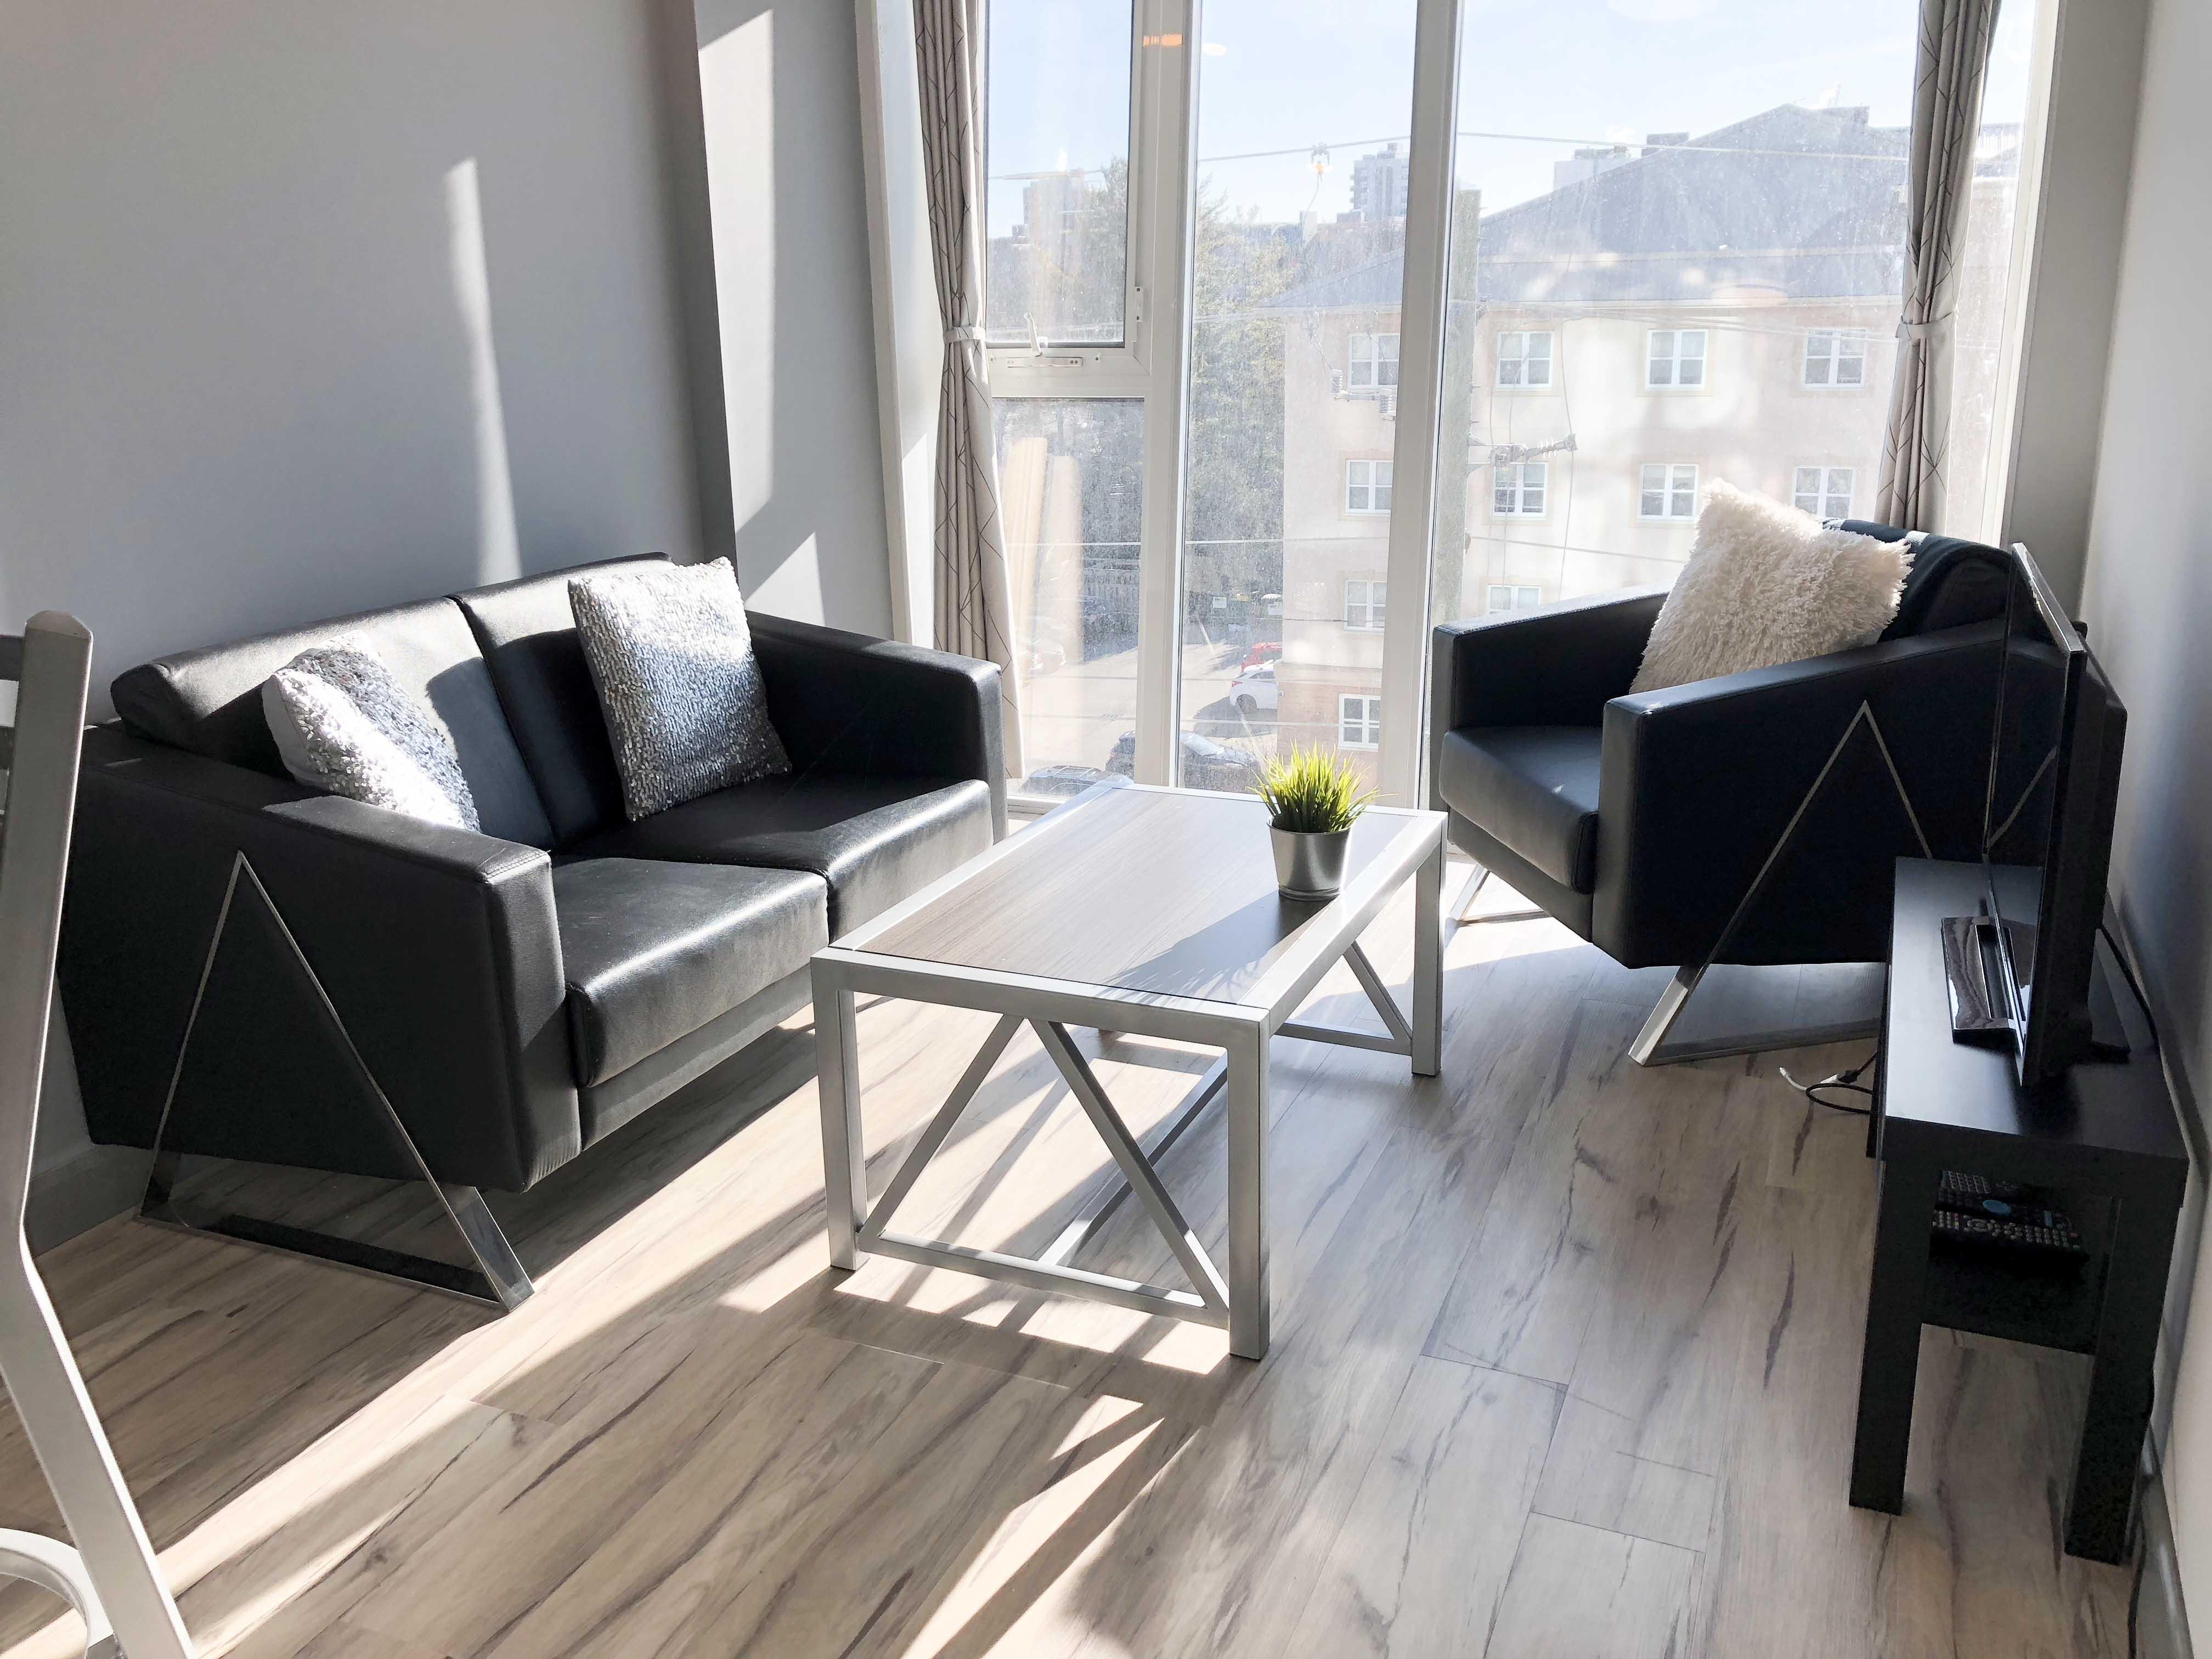 Accommod8u apartment interior design